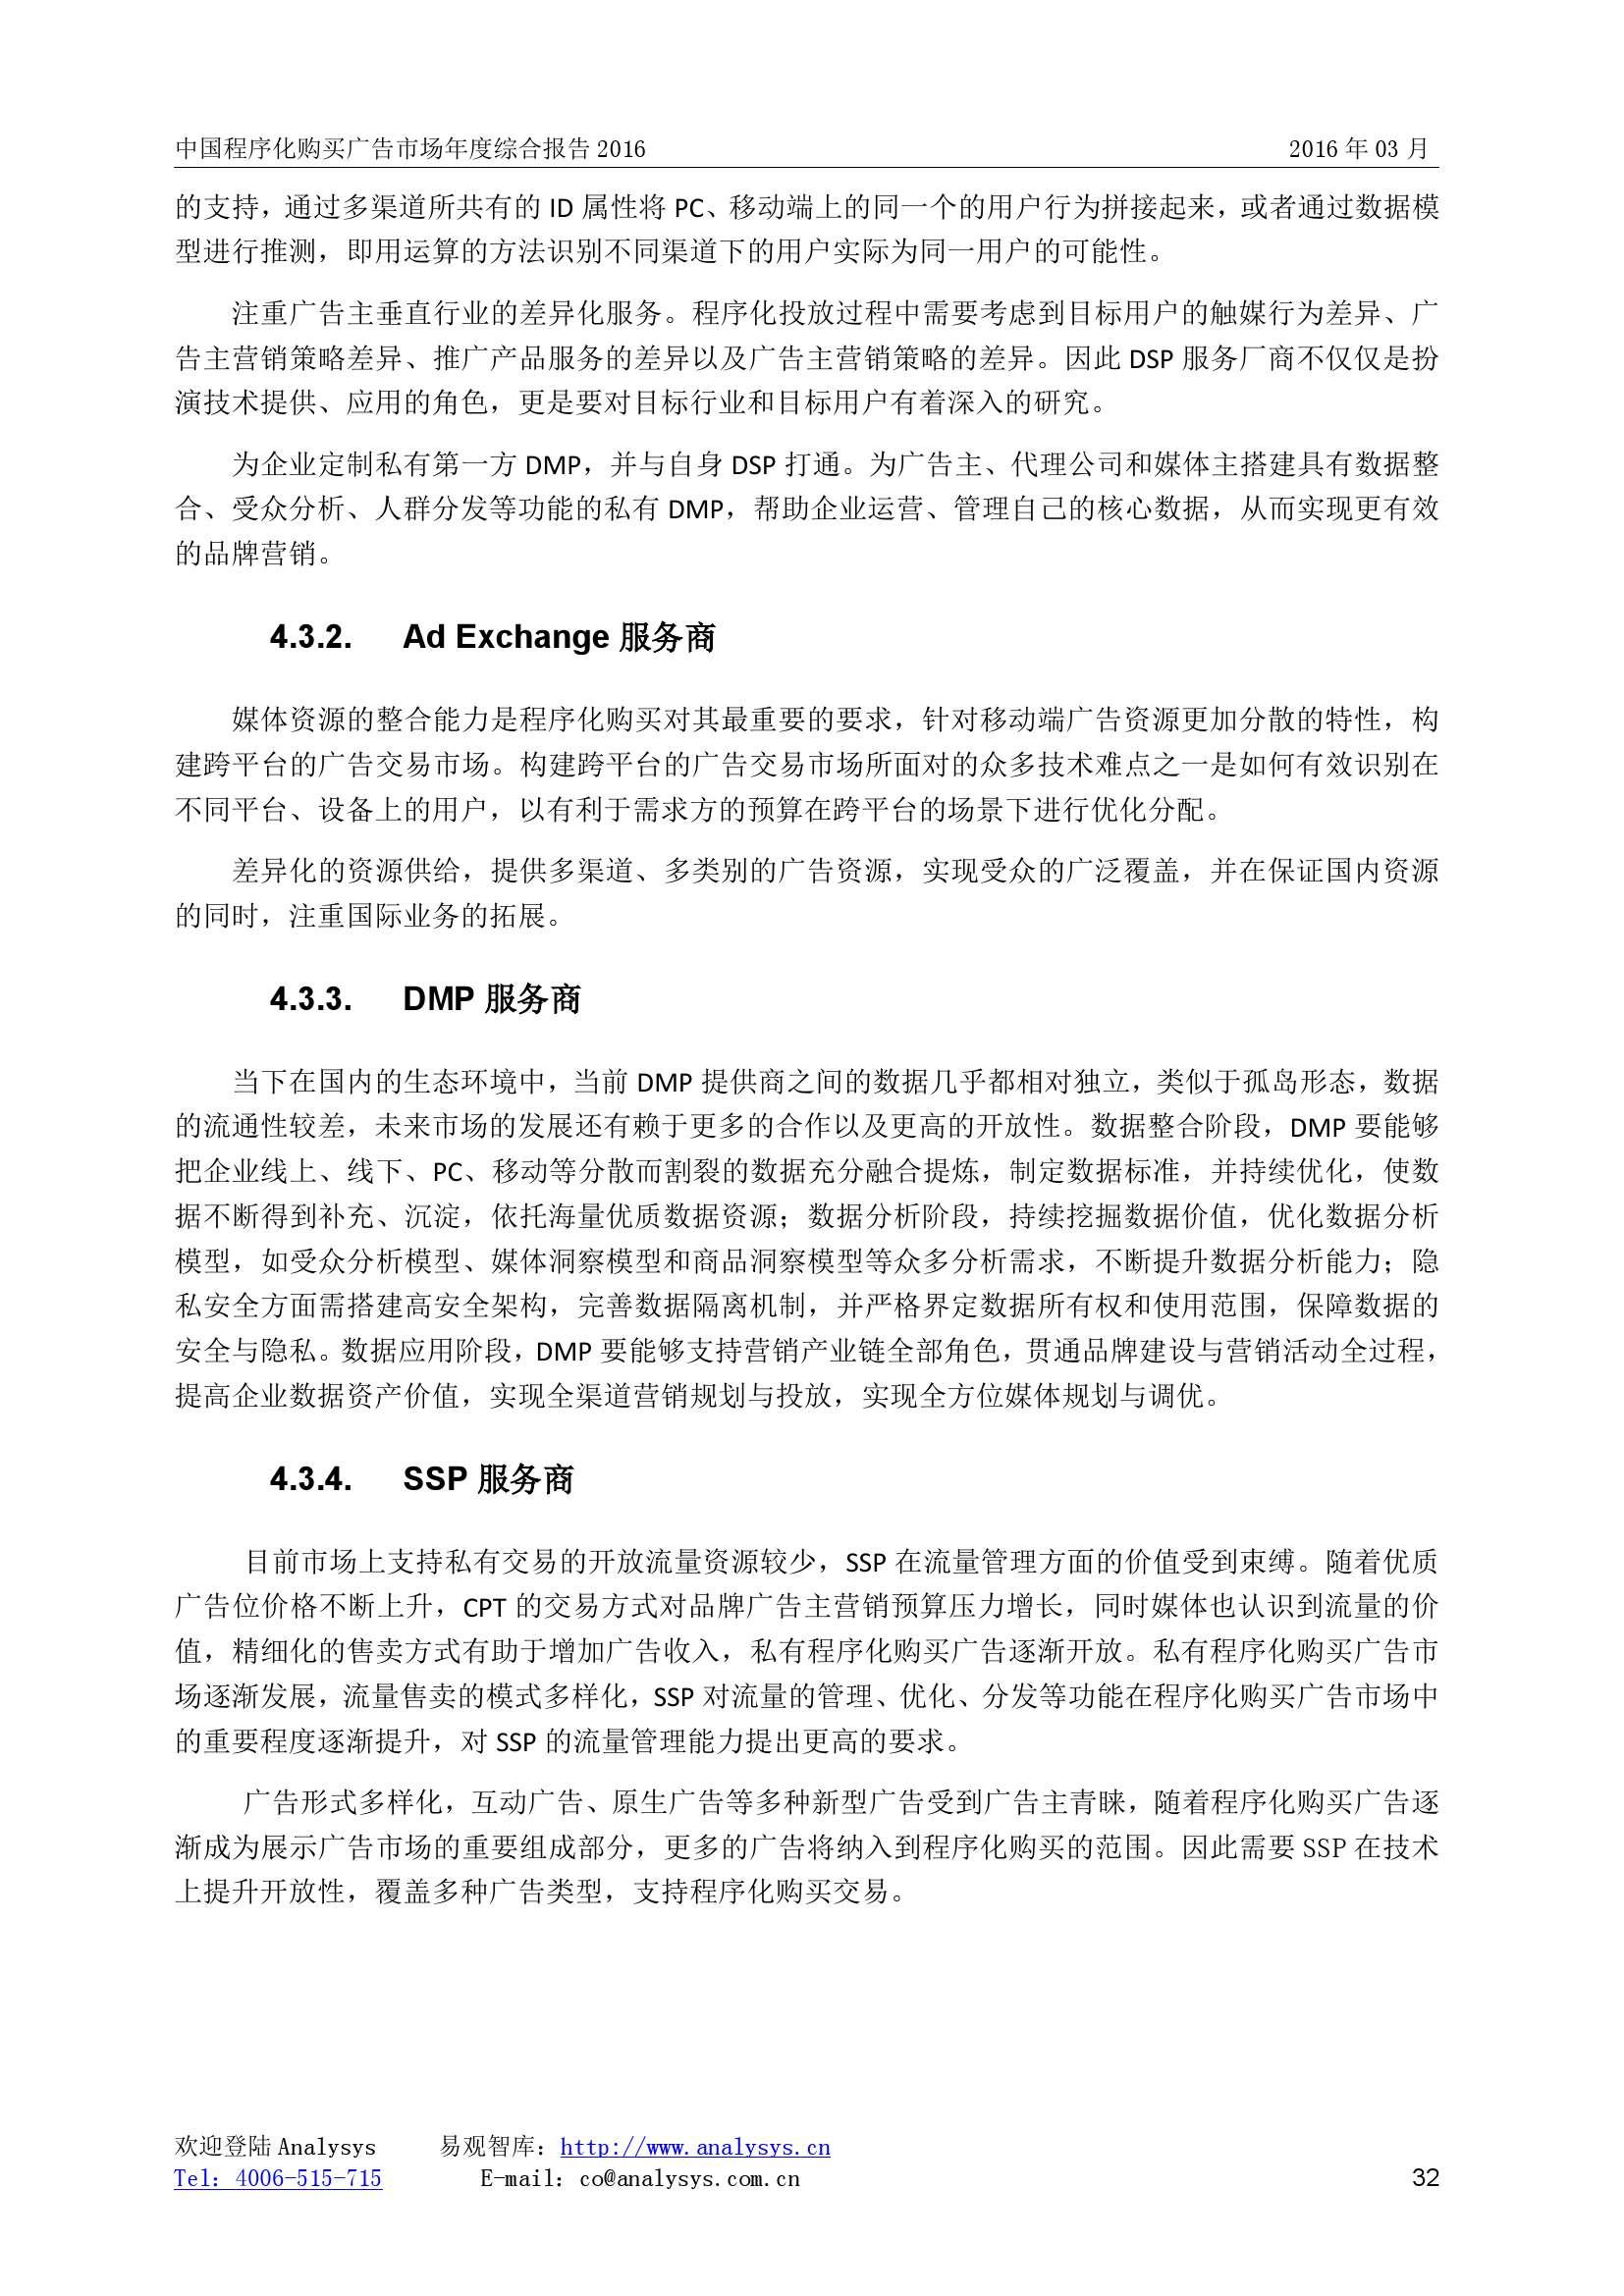 中国程序化购买广告市场年度综合报告2016_000032